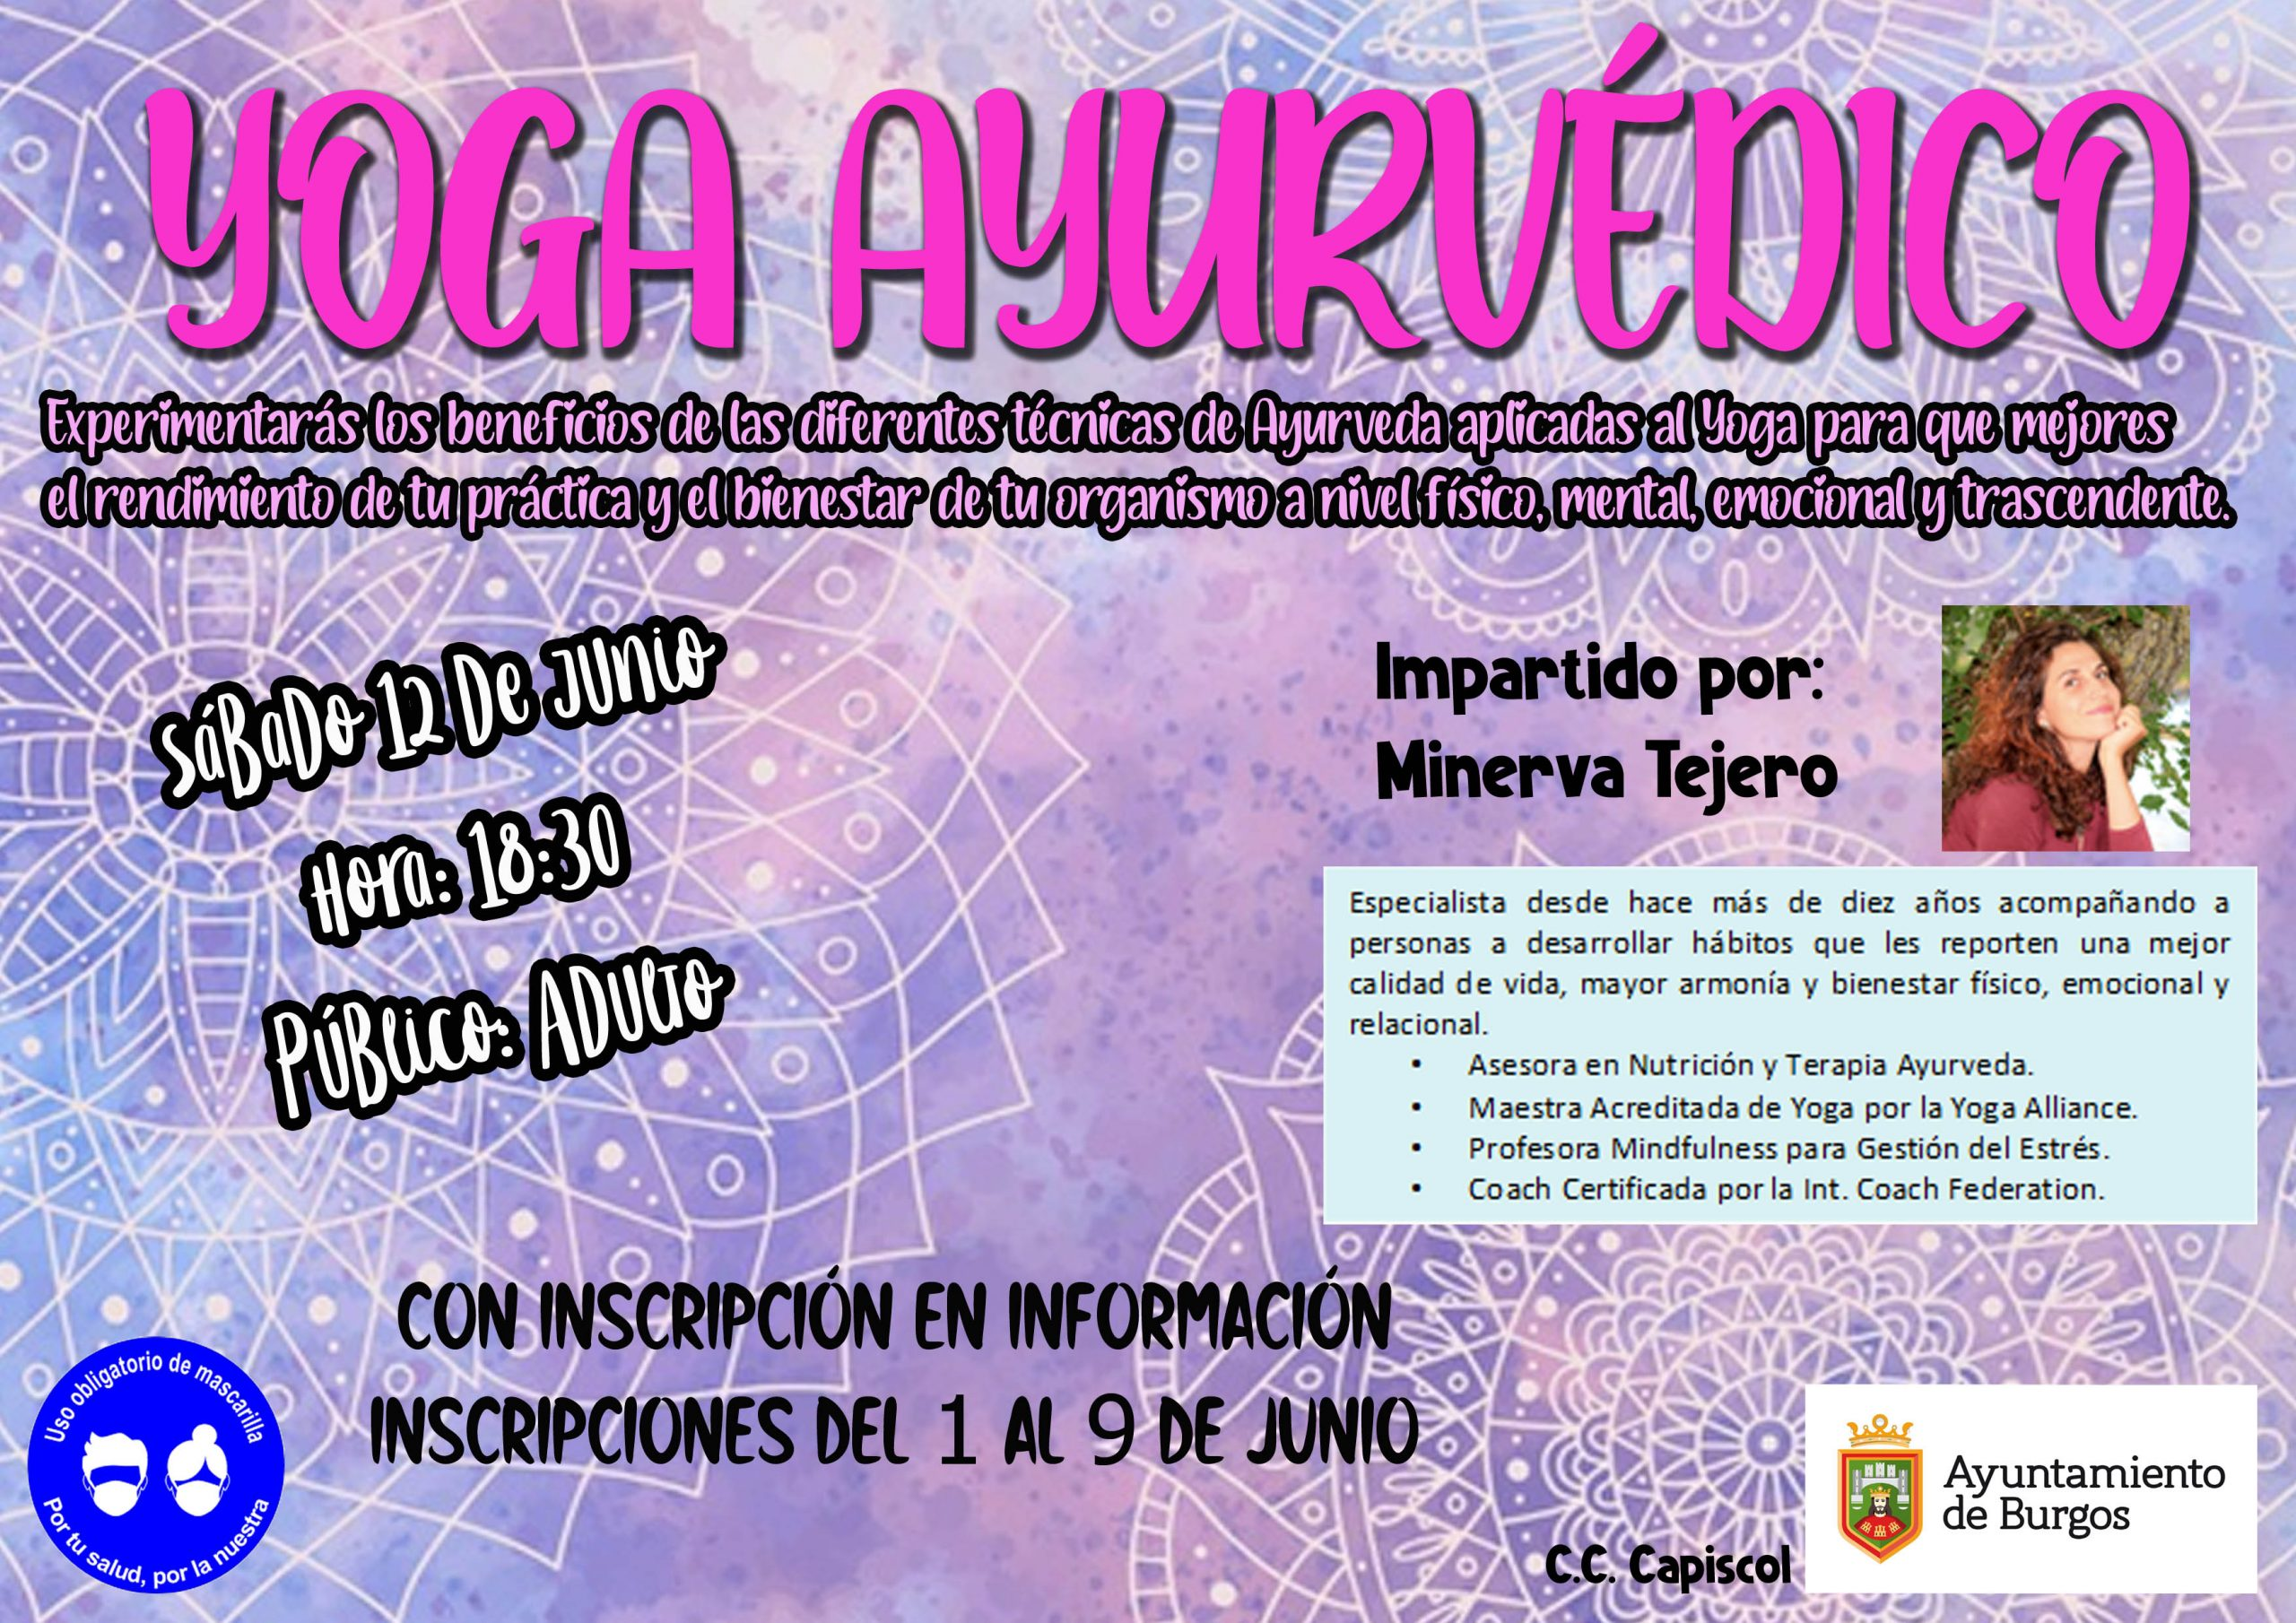 Especialista en Consultas Ayurveda, Talleres y Formaciones Ayurveda, Yoga Ayurvédico, Mindfulness y Empoderamiento Femenino.